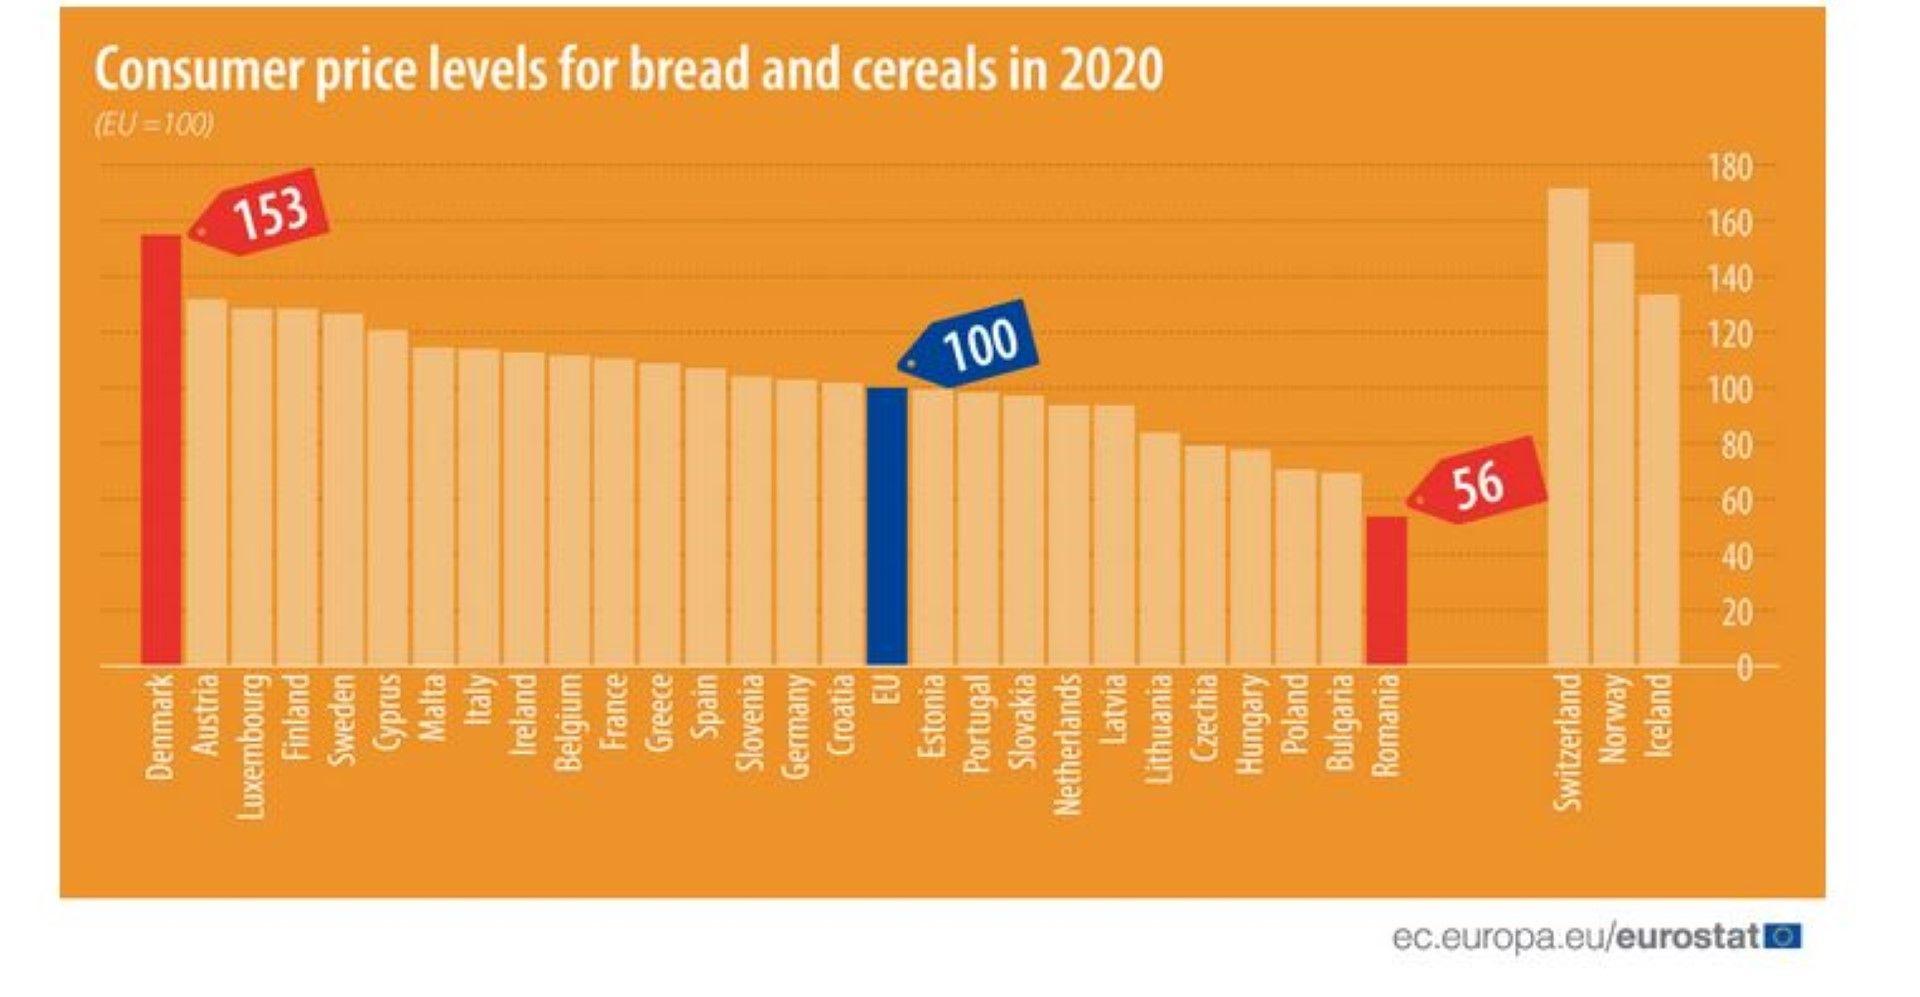 Нива на потребителските цени на хляба и зърнените култури по страни в ЕС за 2020 г.